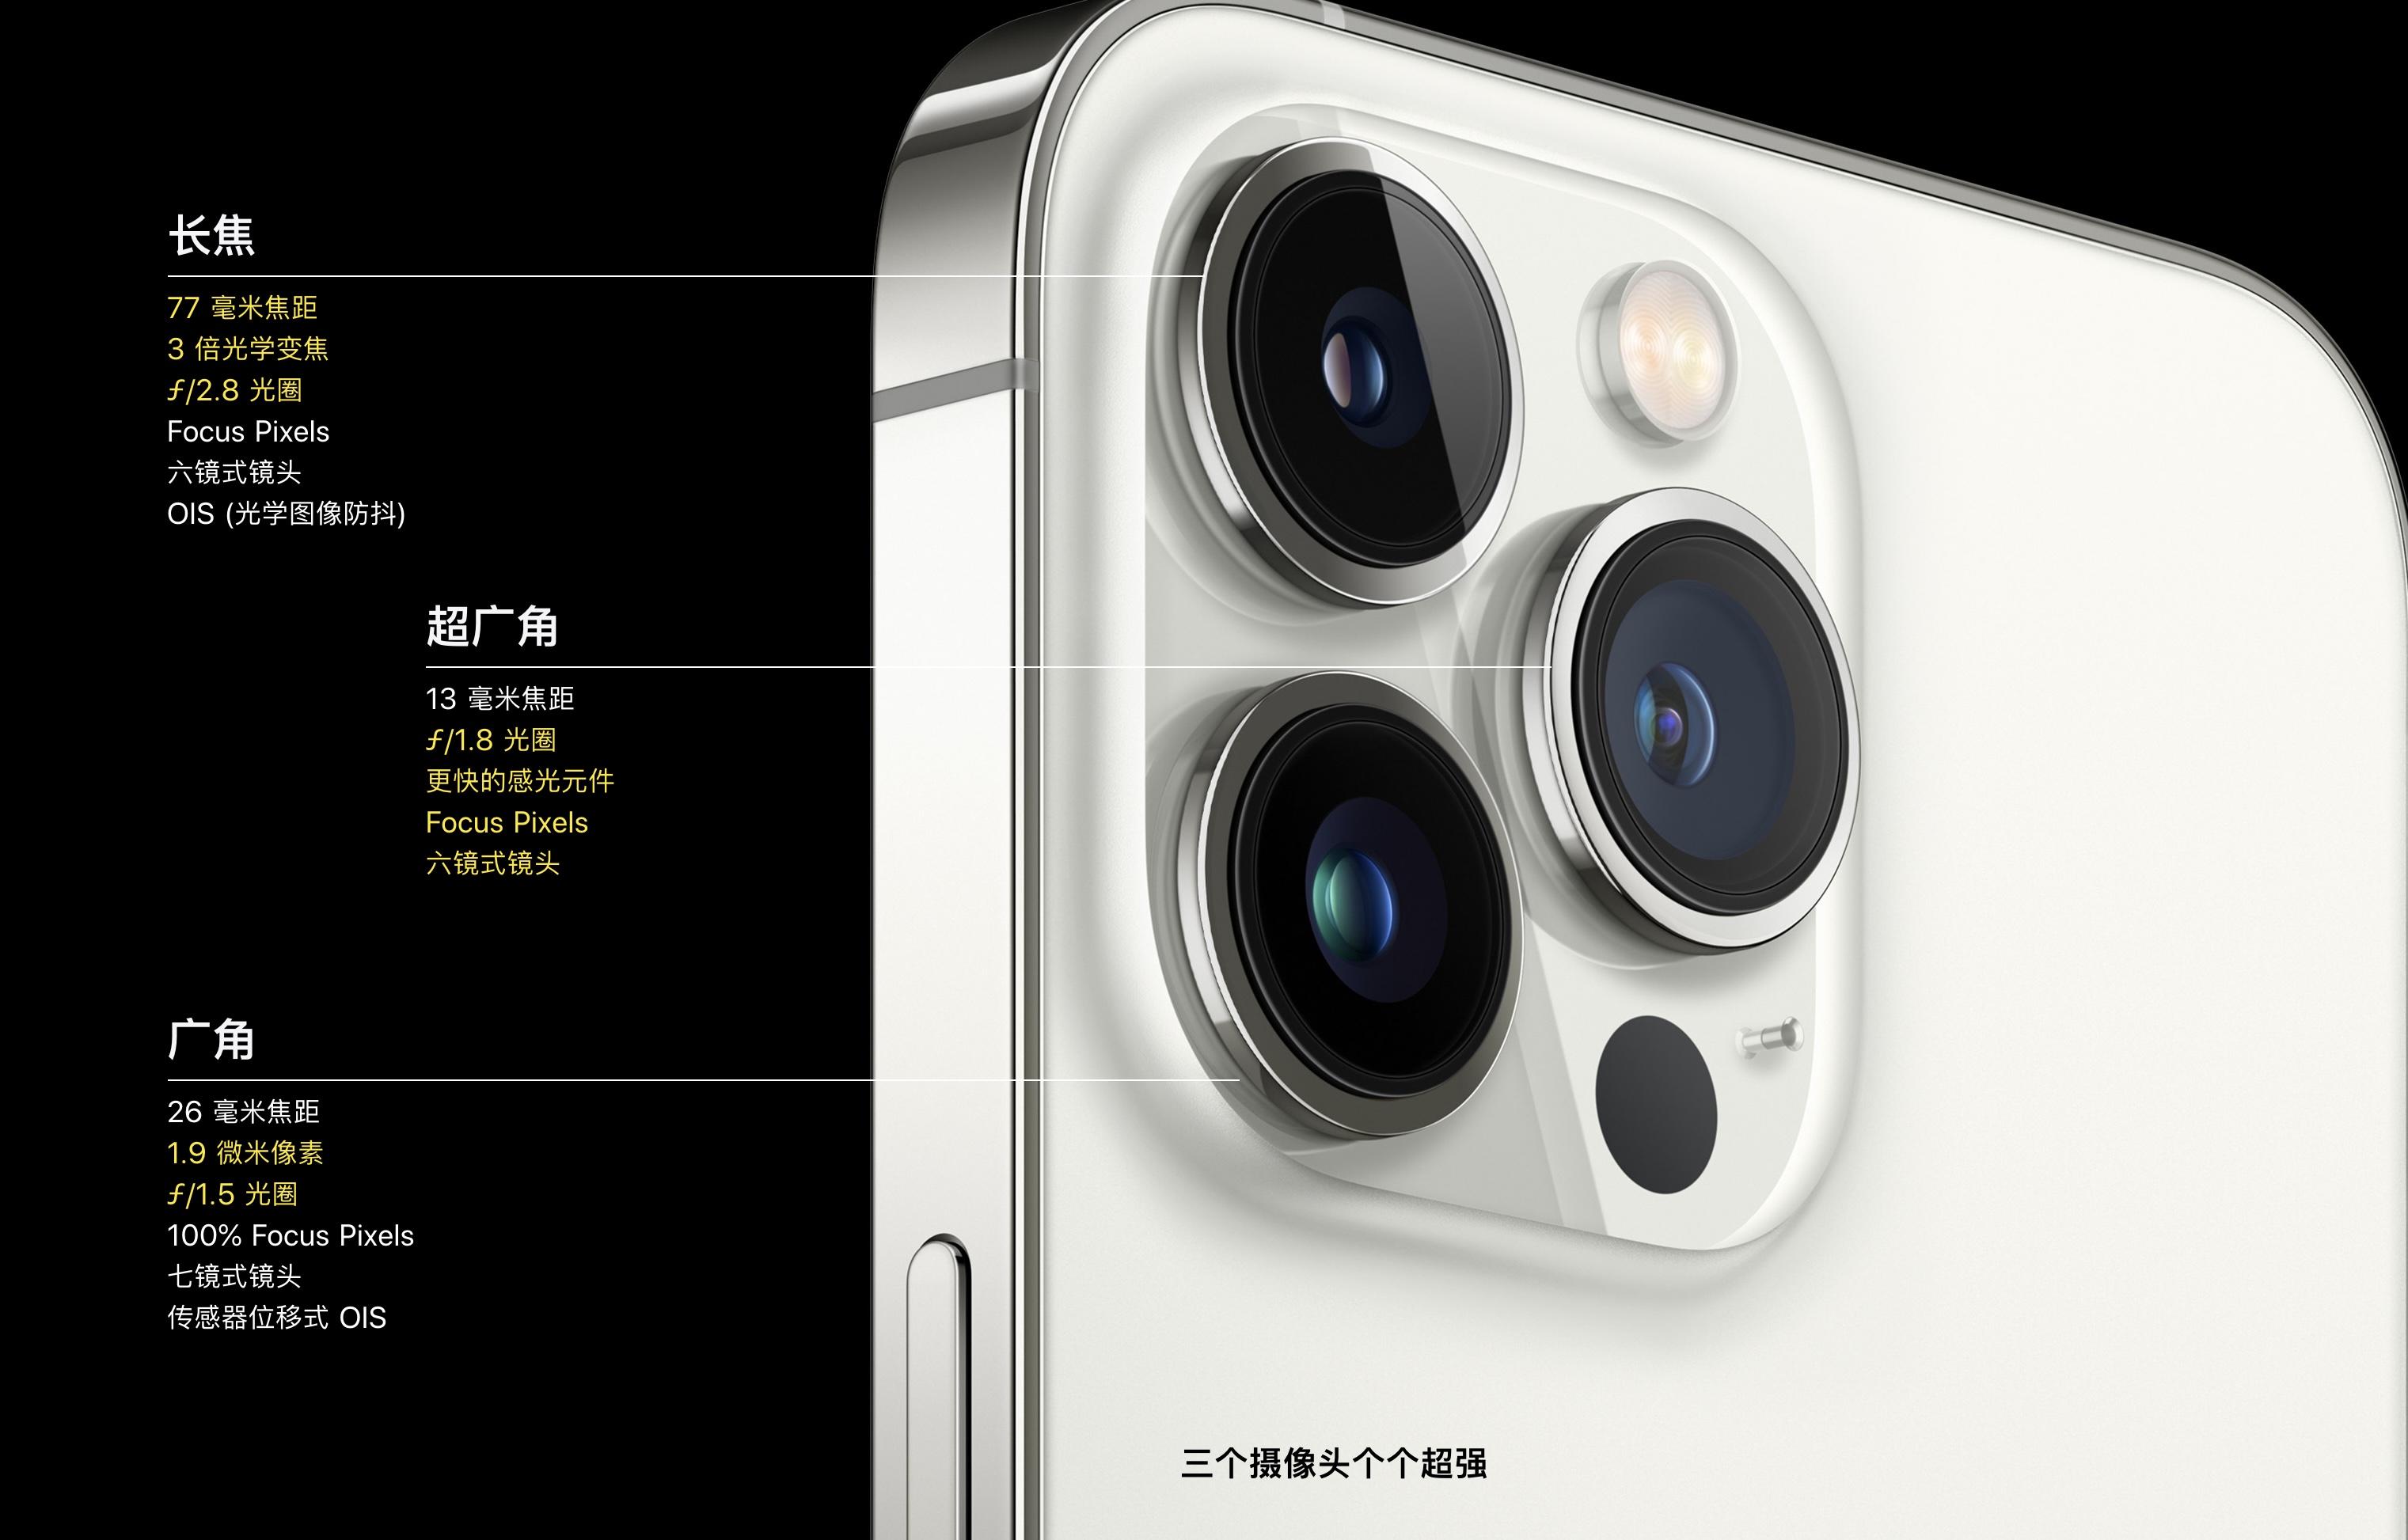 苹果发布全新 iPhone 13 系列:依然是四款机型,摄像头、续航升级